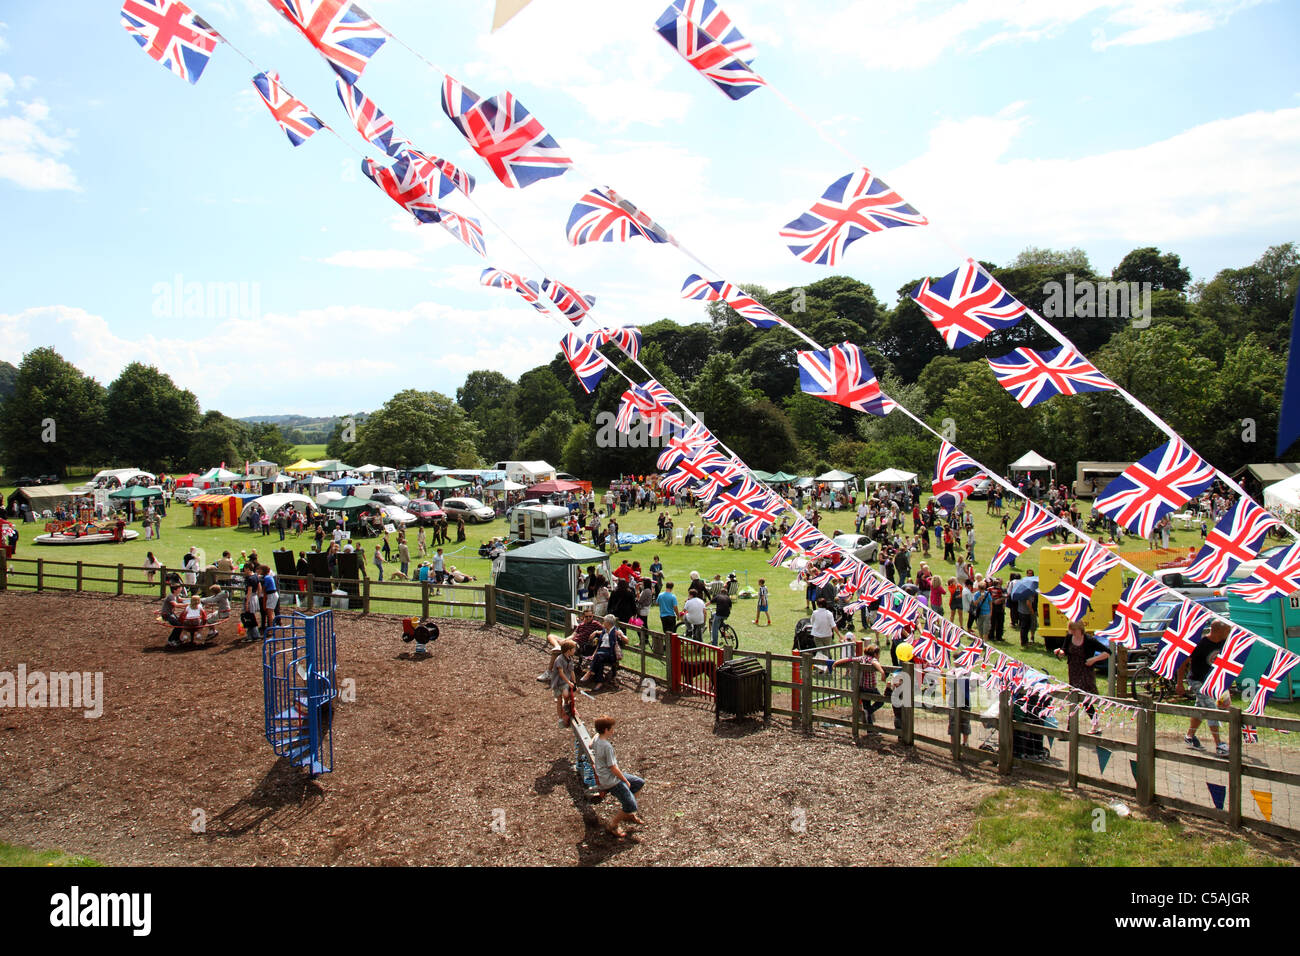 Ein Dorffest in Derbyshire, England, Vereinigtes Königreich Stockbild